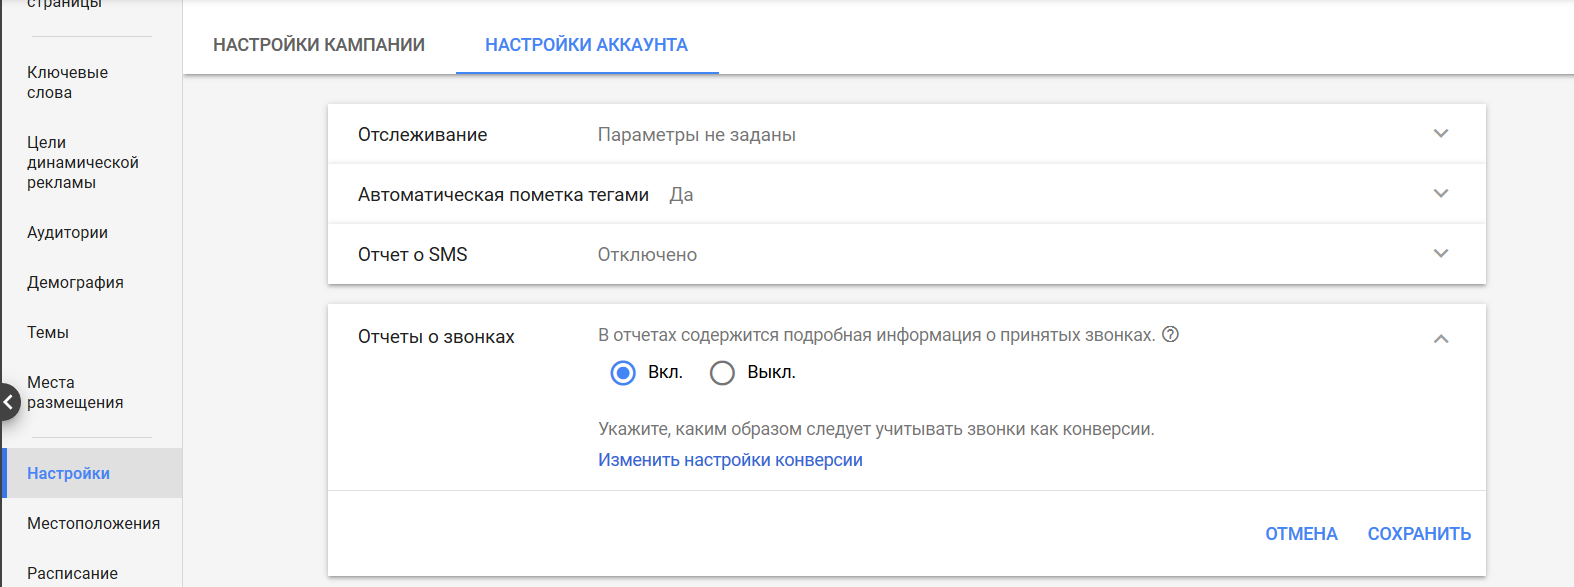 Звонки из расширений в Google Ads